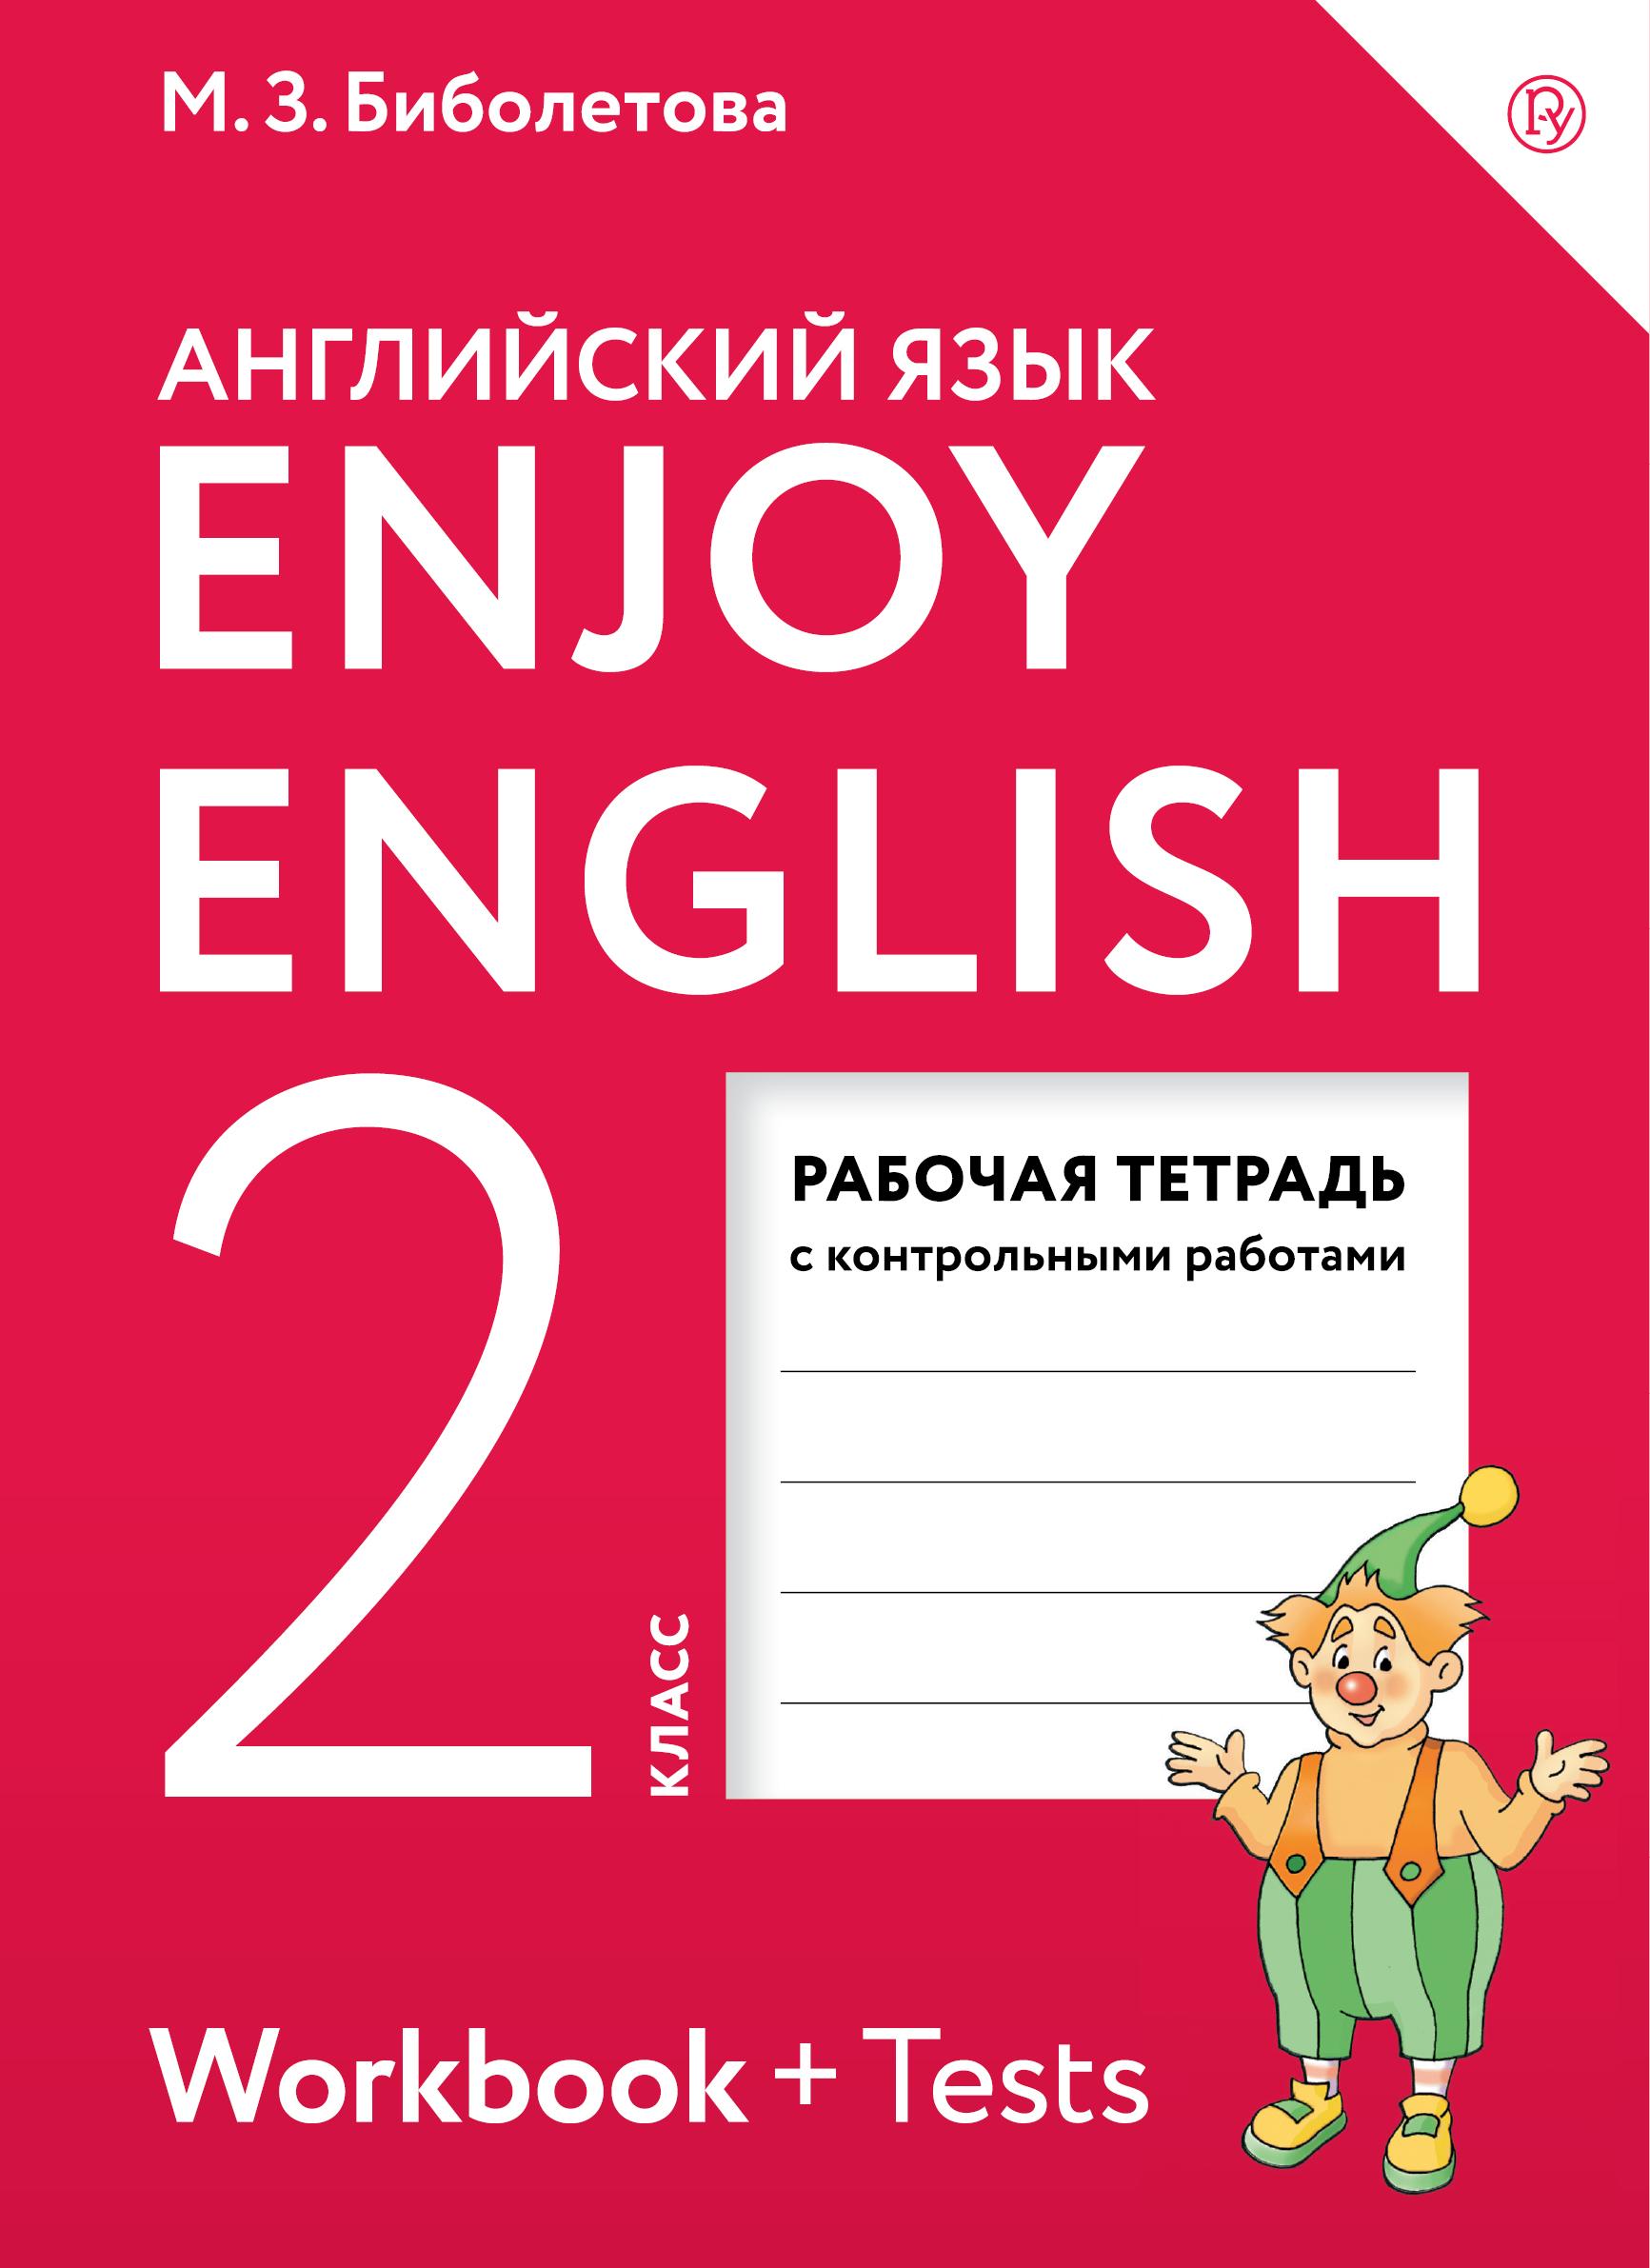 Биболетова М.З. Enjoy English/Английский с удовольствием. 2 класс. Рабочая тетрадь знаток книга english говорящий букварь рабочая тетрадь